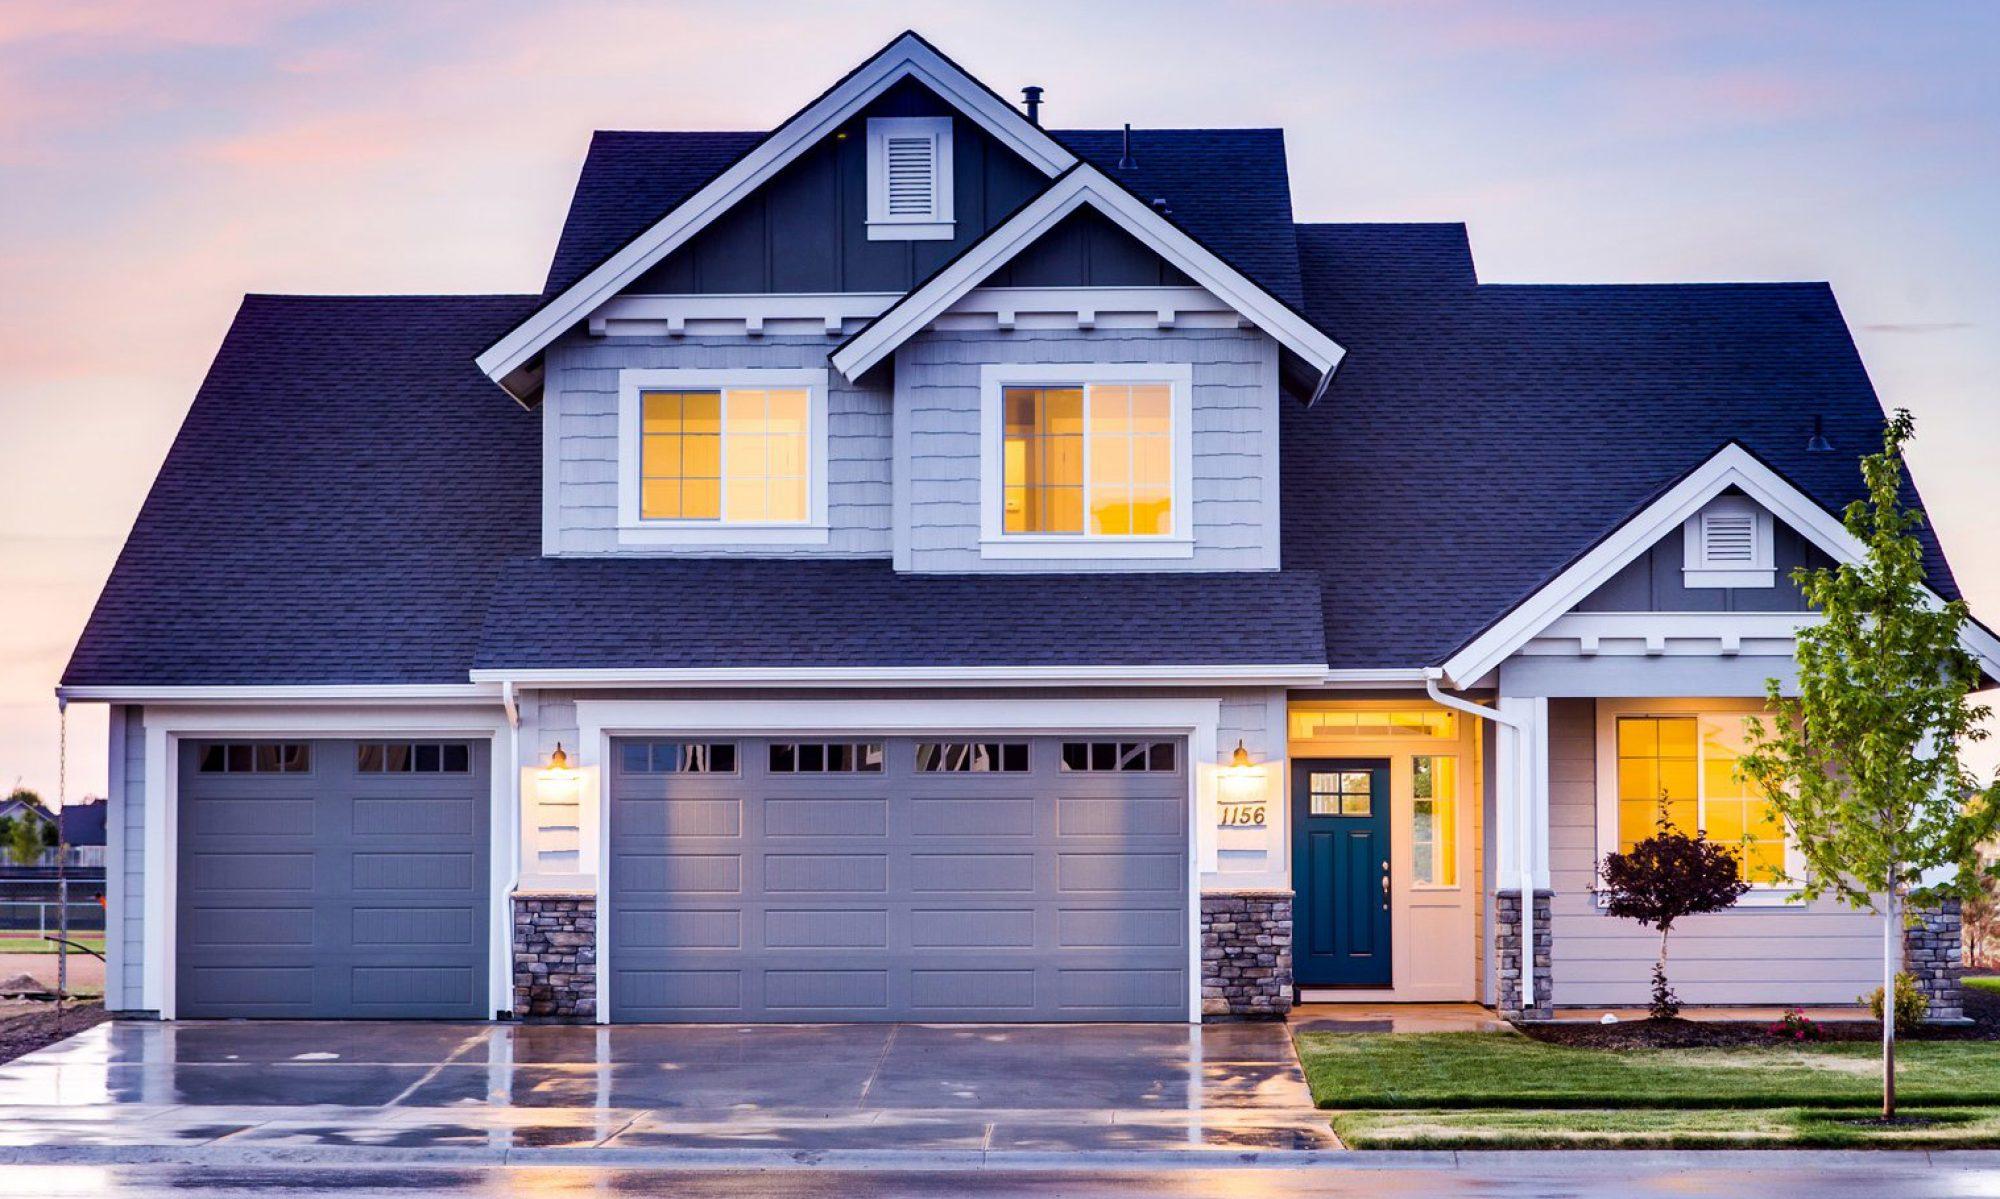 Devenir propriétaire de sa maison : comment y arriver ?